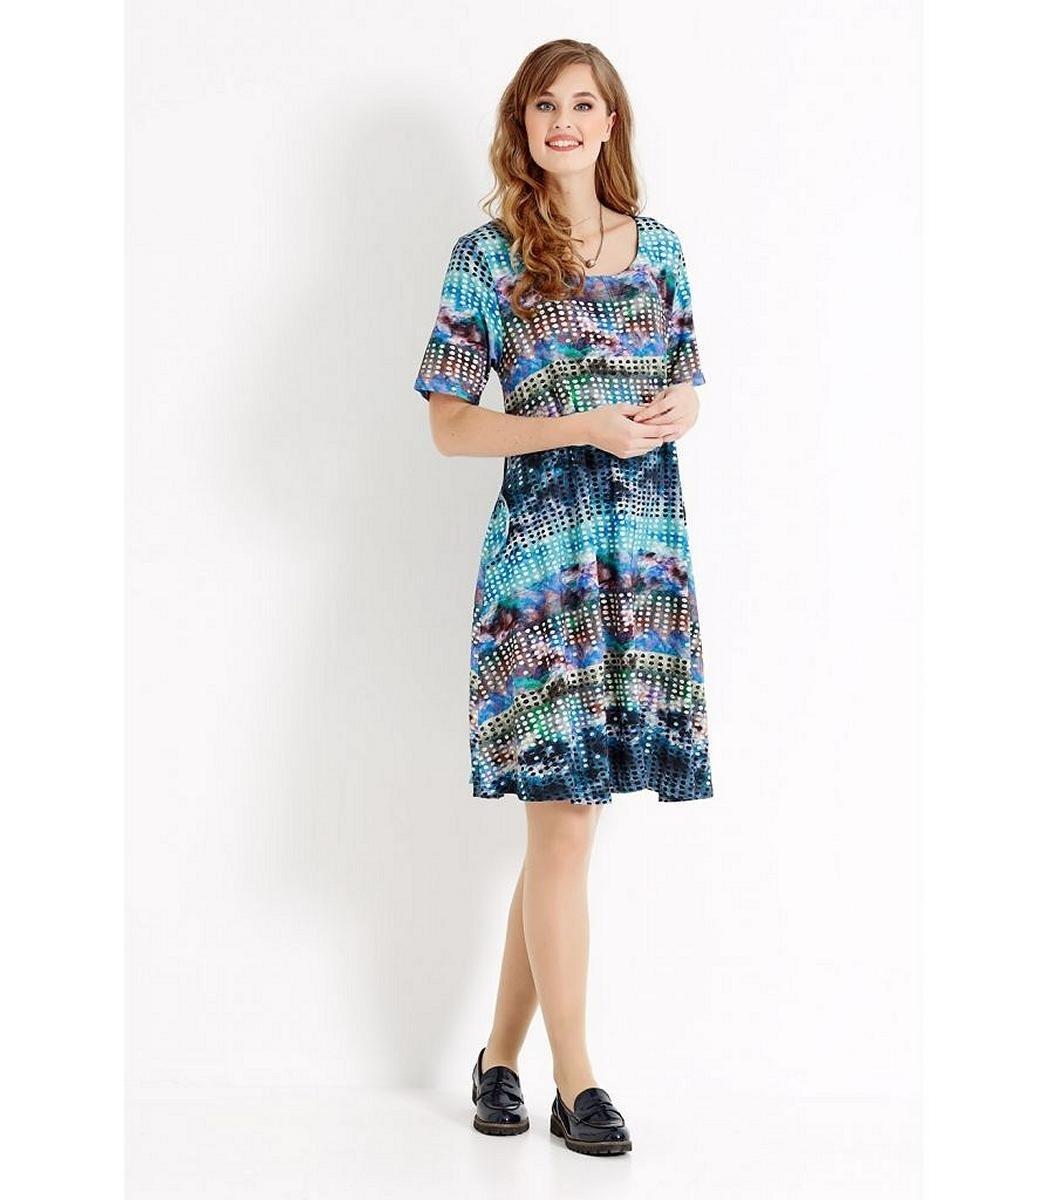 Schön Sommerkleid Blau für 2019Formal Schön Sommerkleid Blau Design